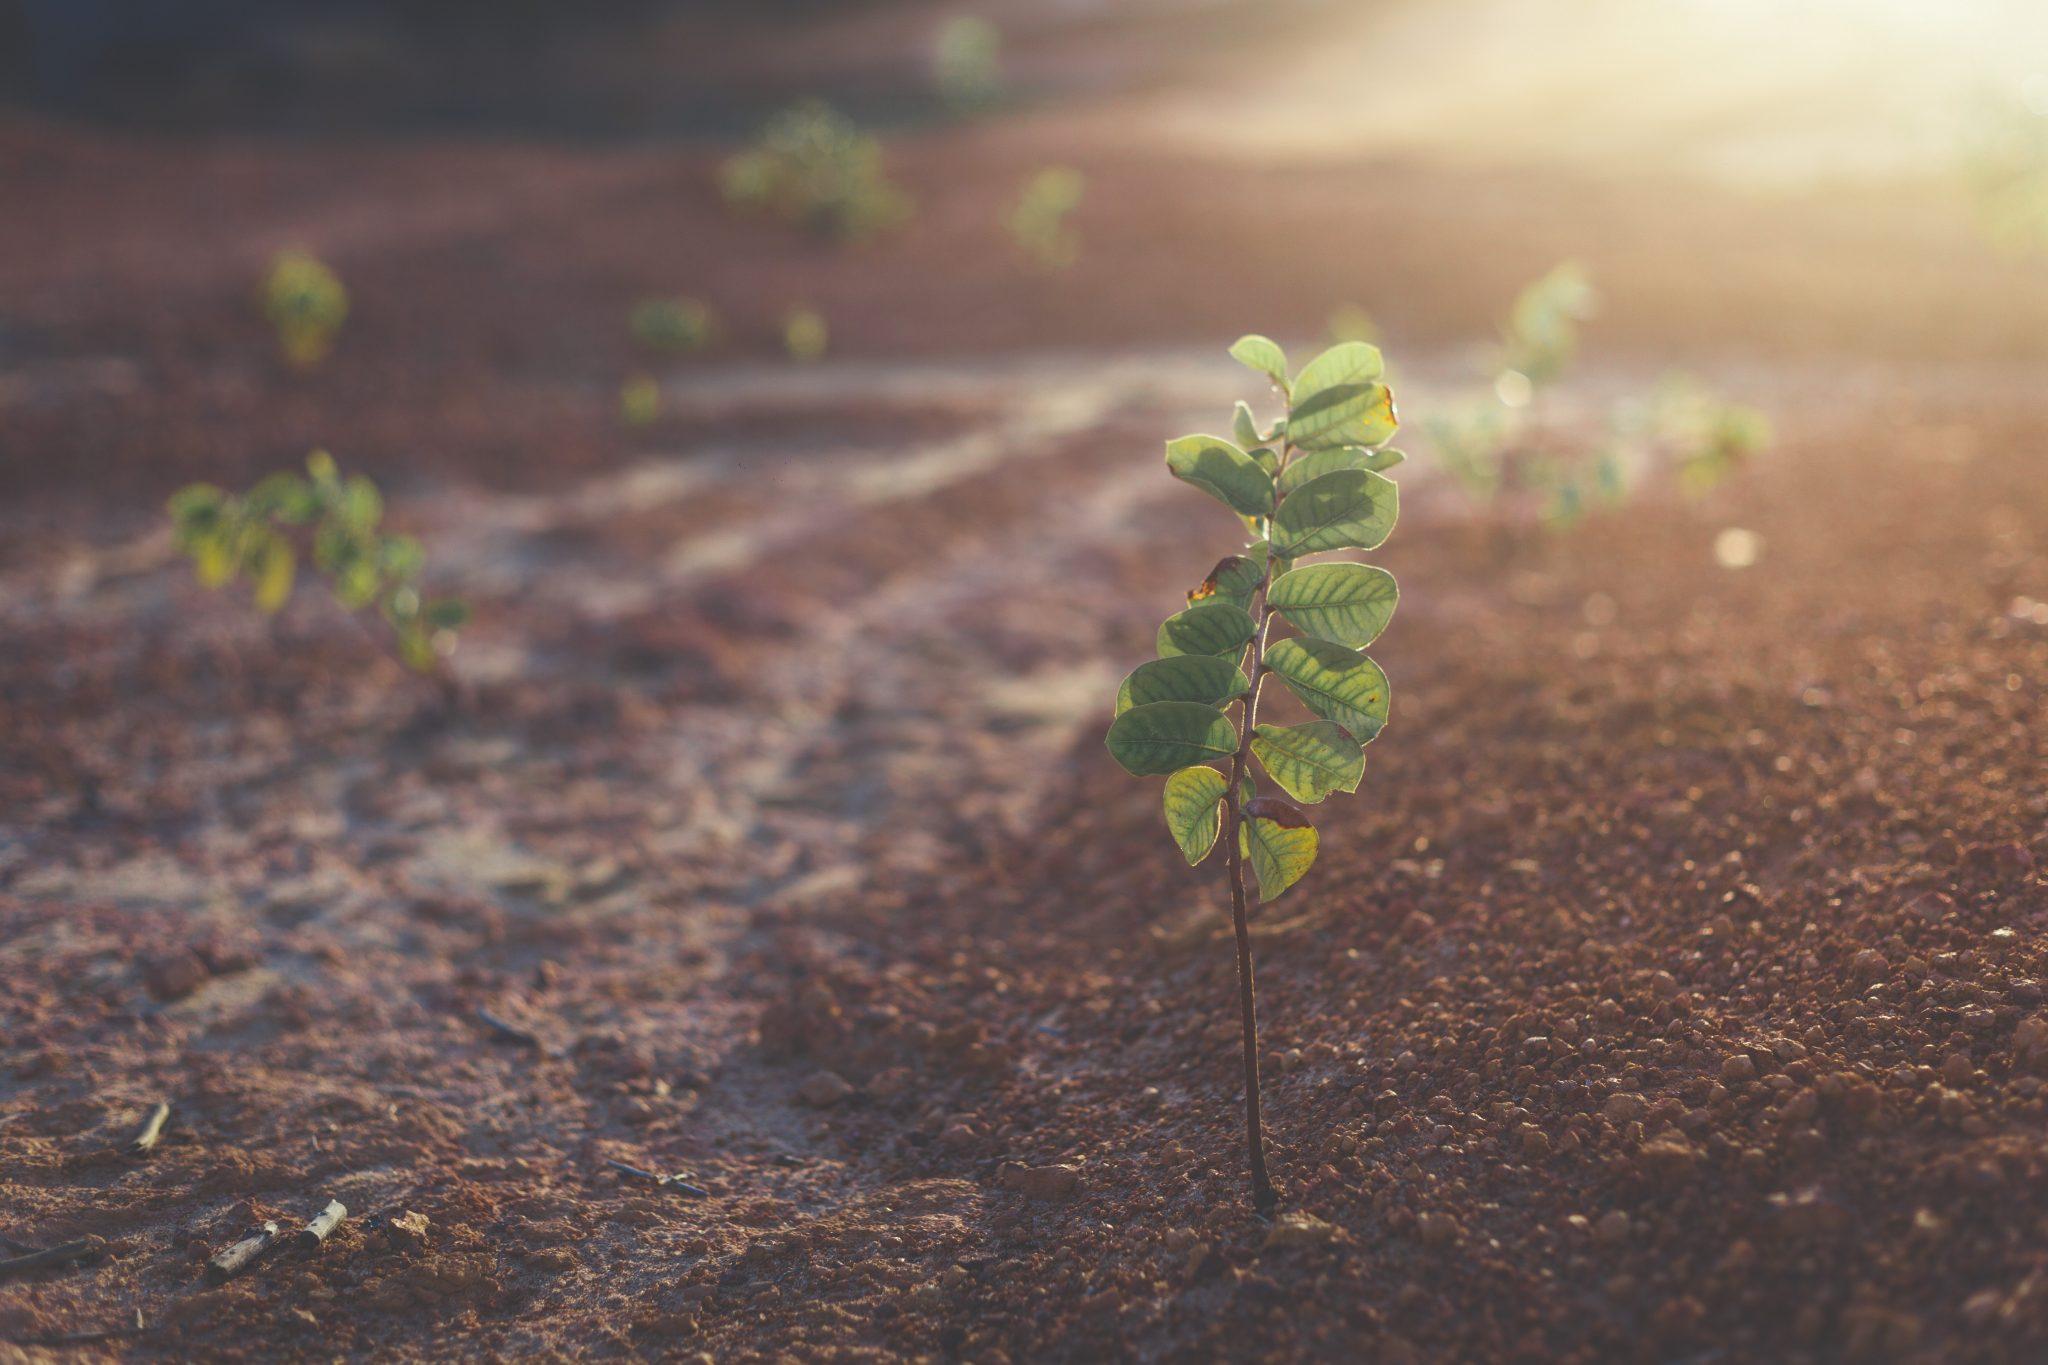 Plantjes komen uit de grond